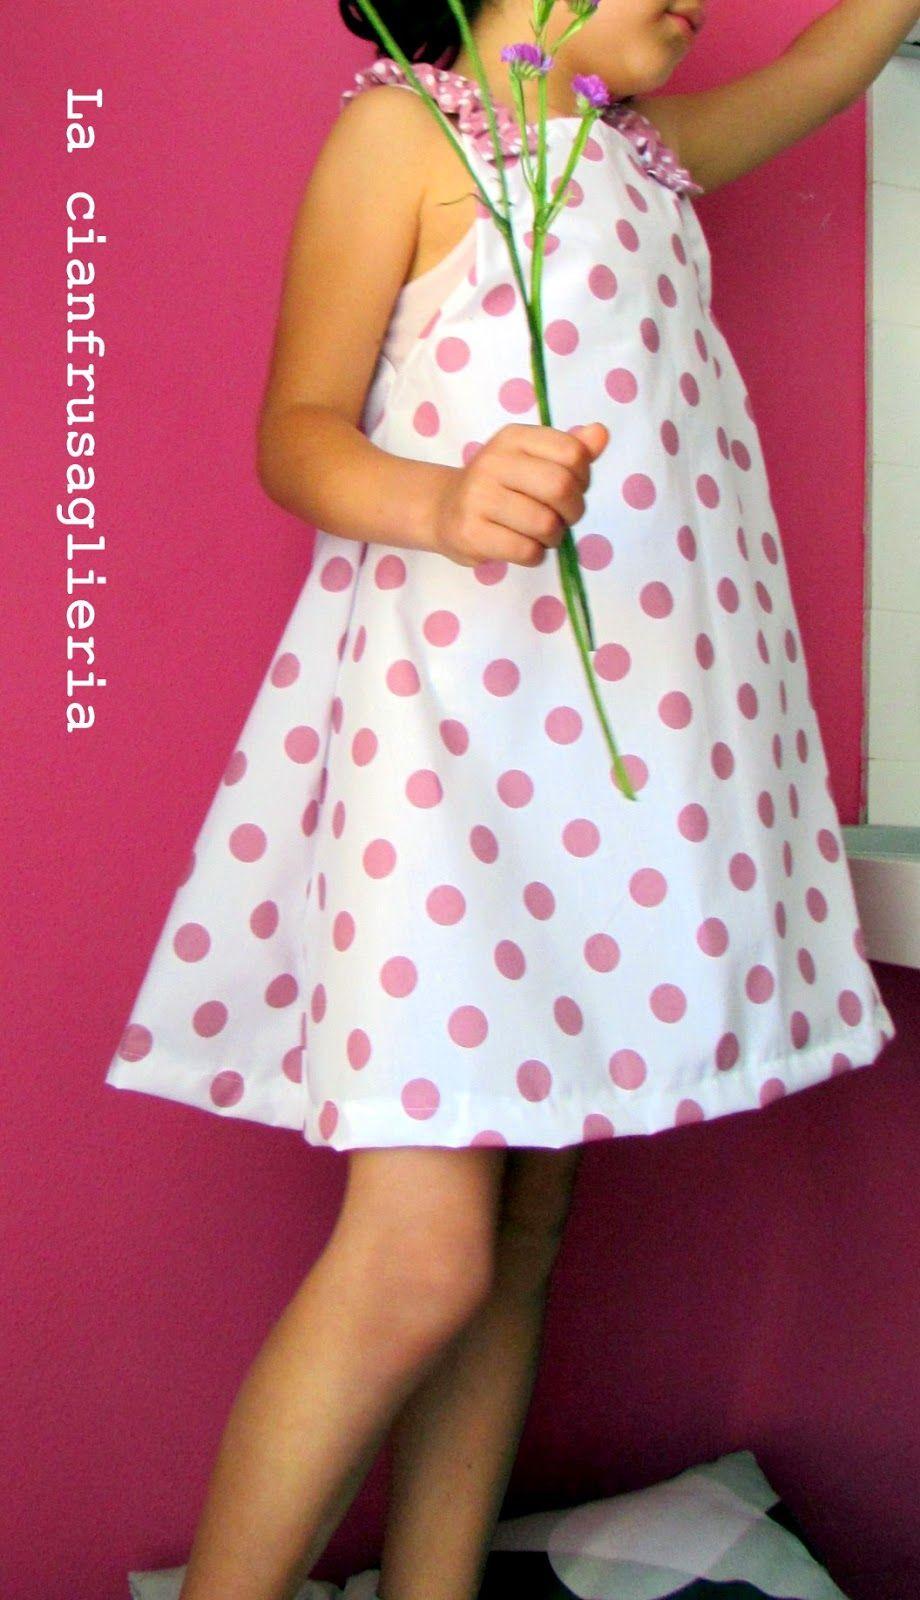 7682ac779e31 Come cucire vestitino estivo per bambina - Spiegazioni